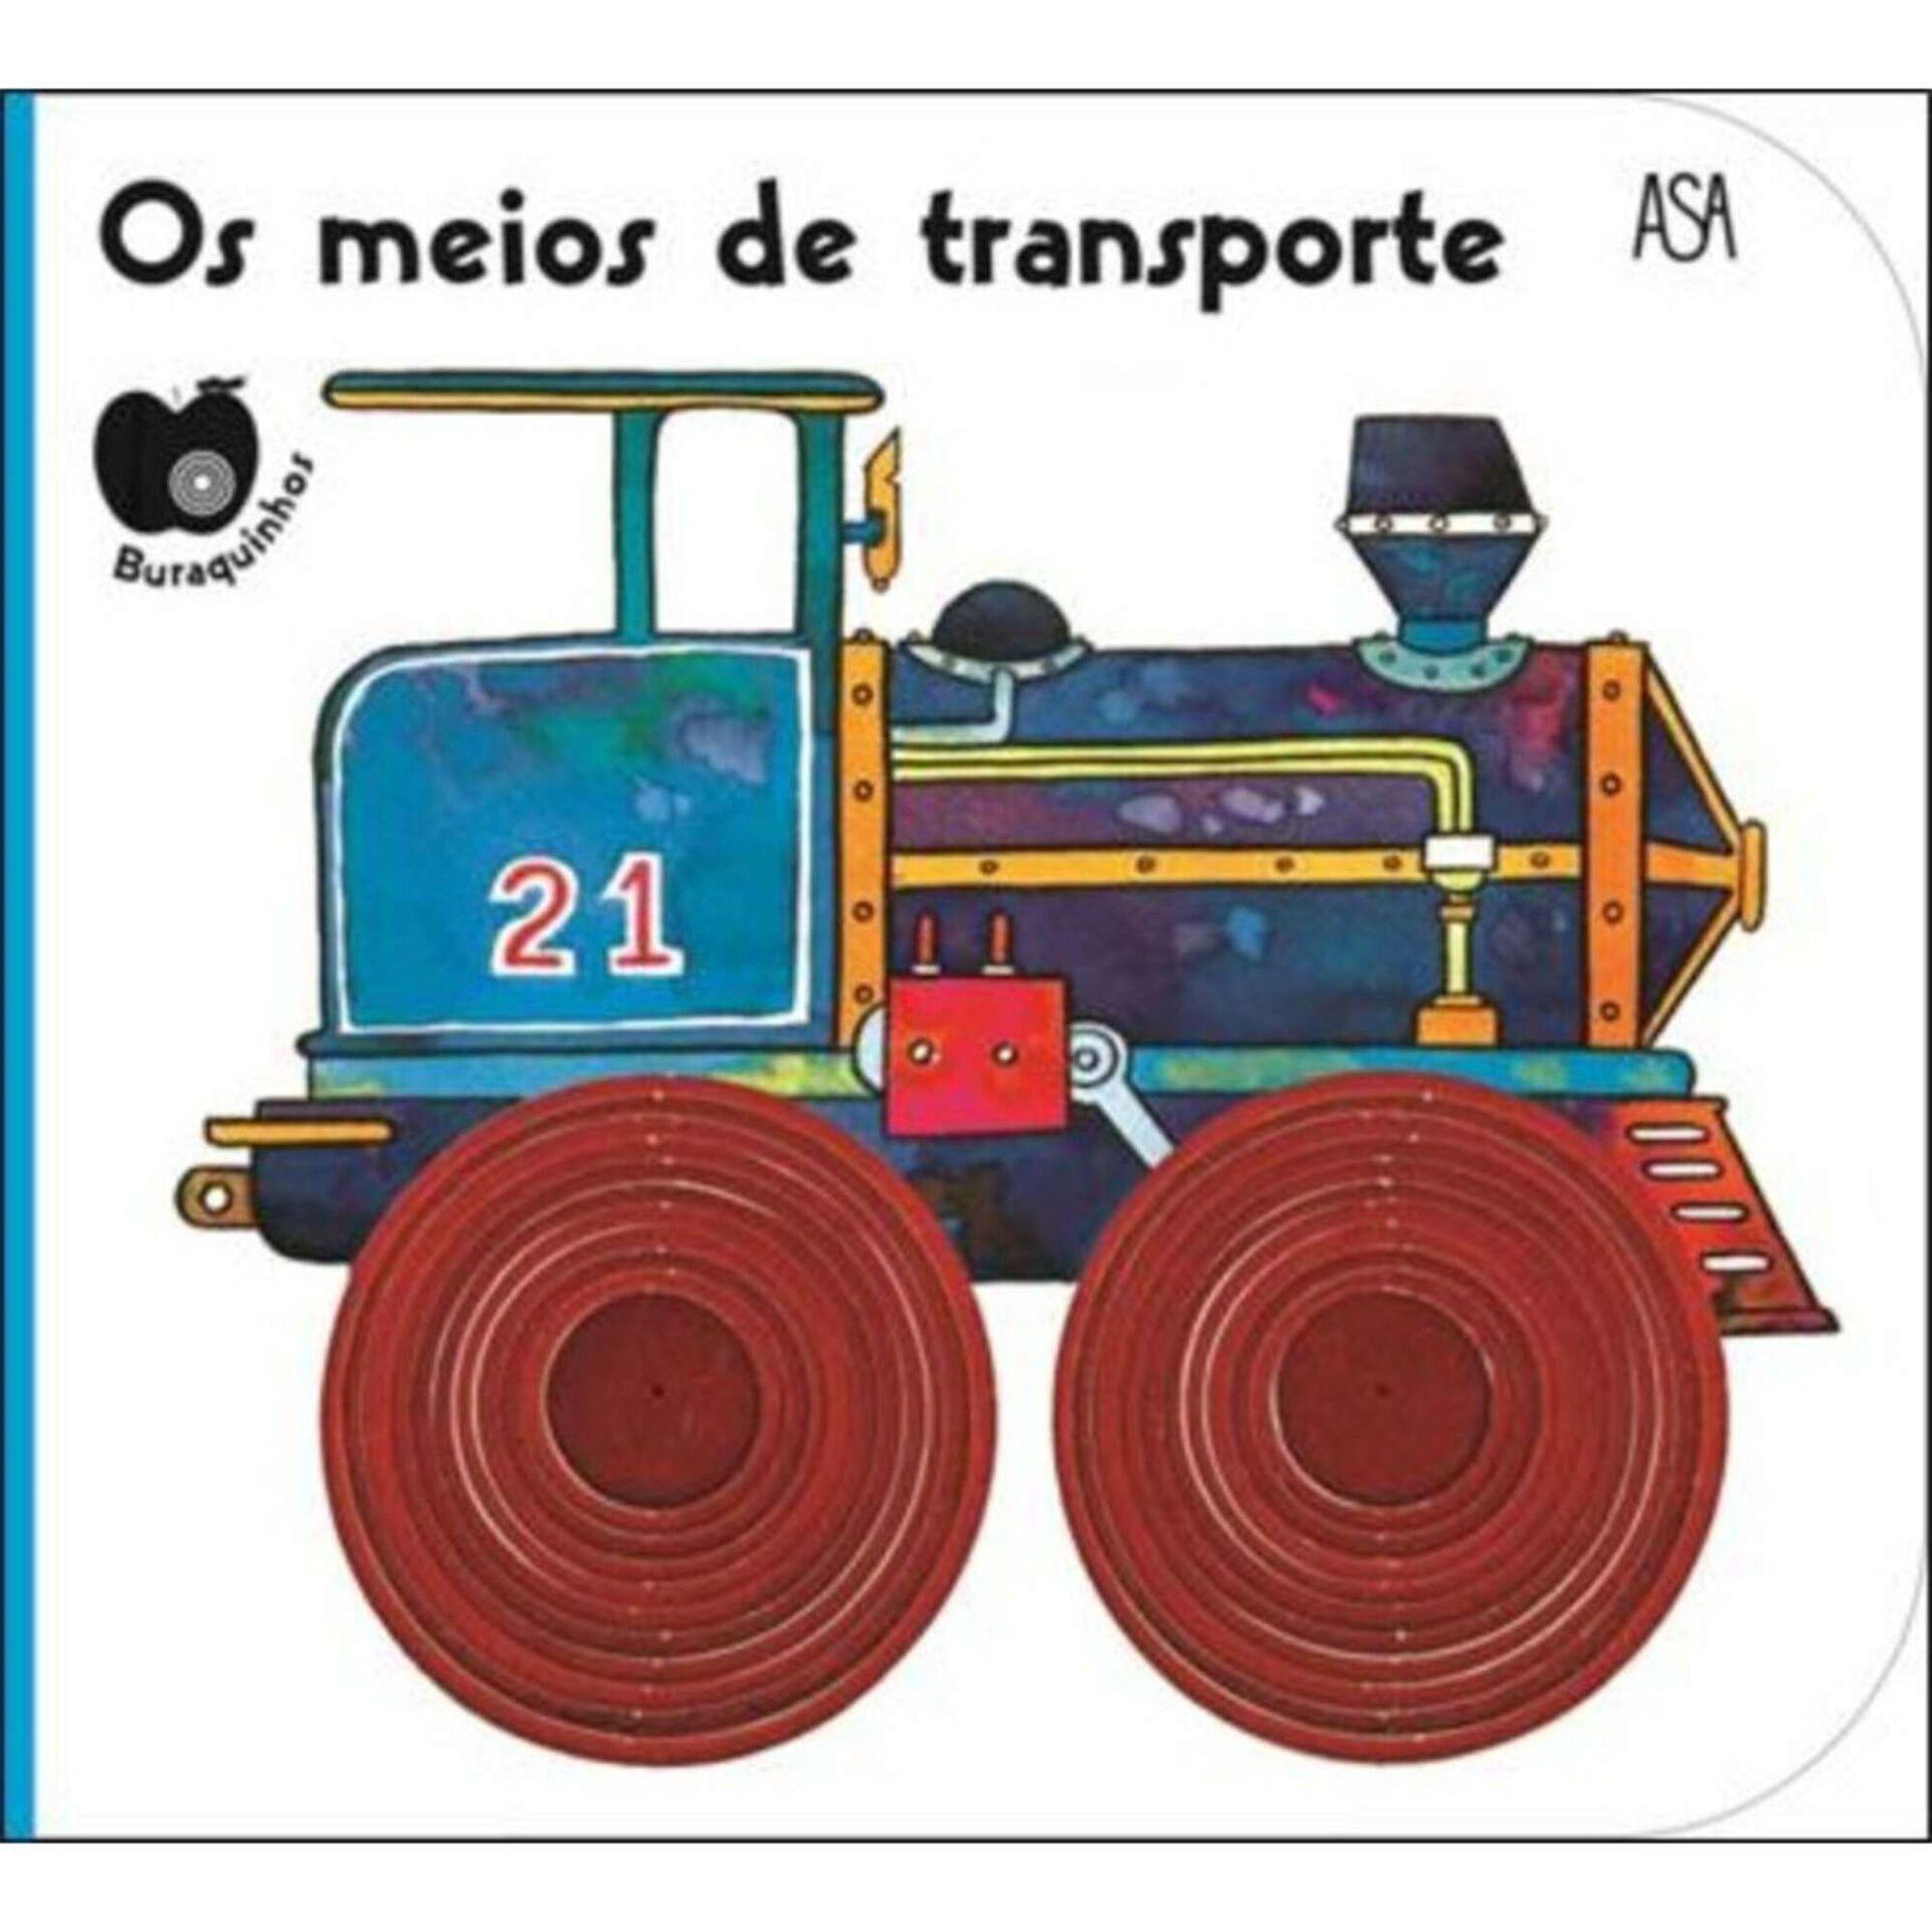 Buraquinhos - Os Meios de Transporte, , hi-res